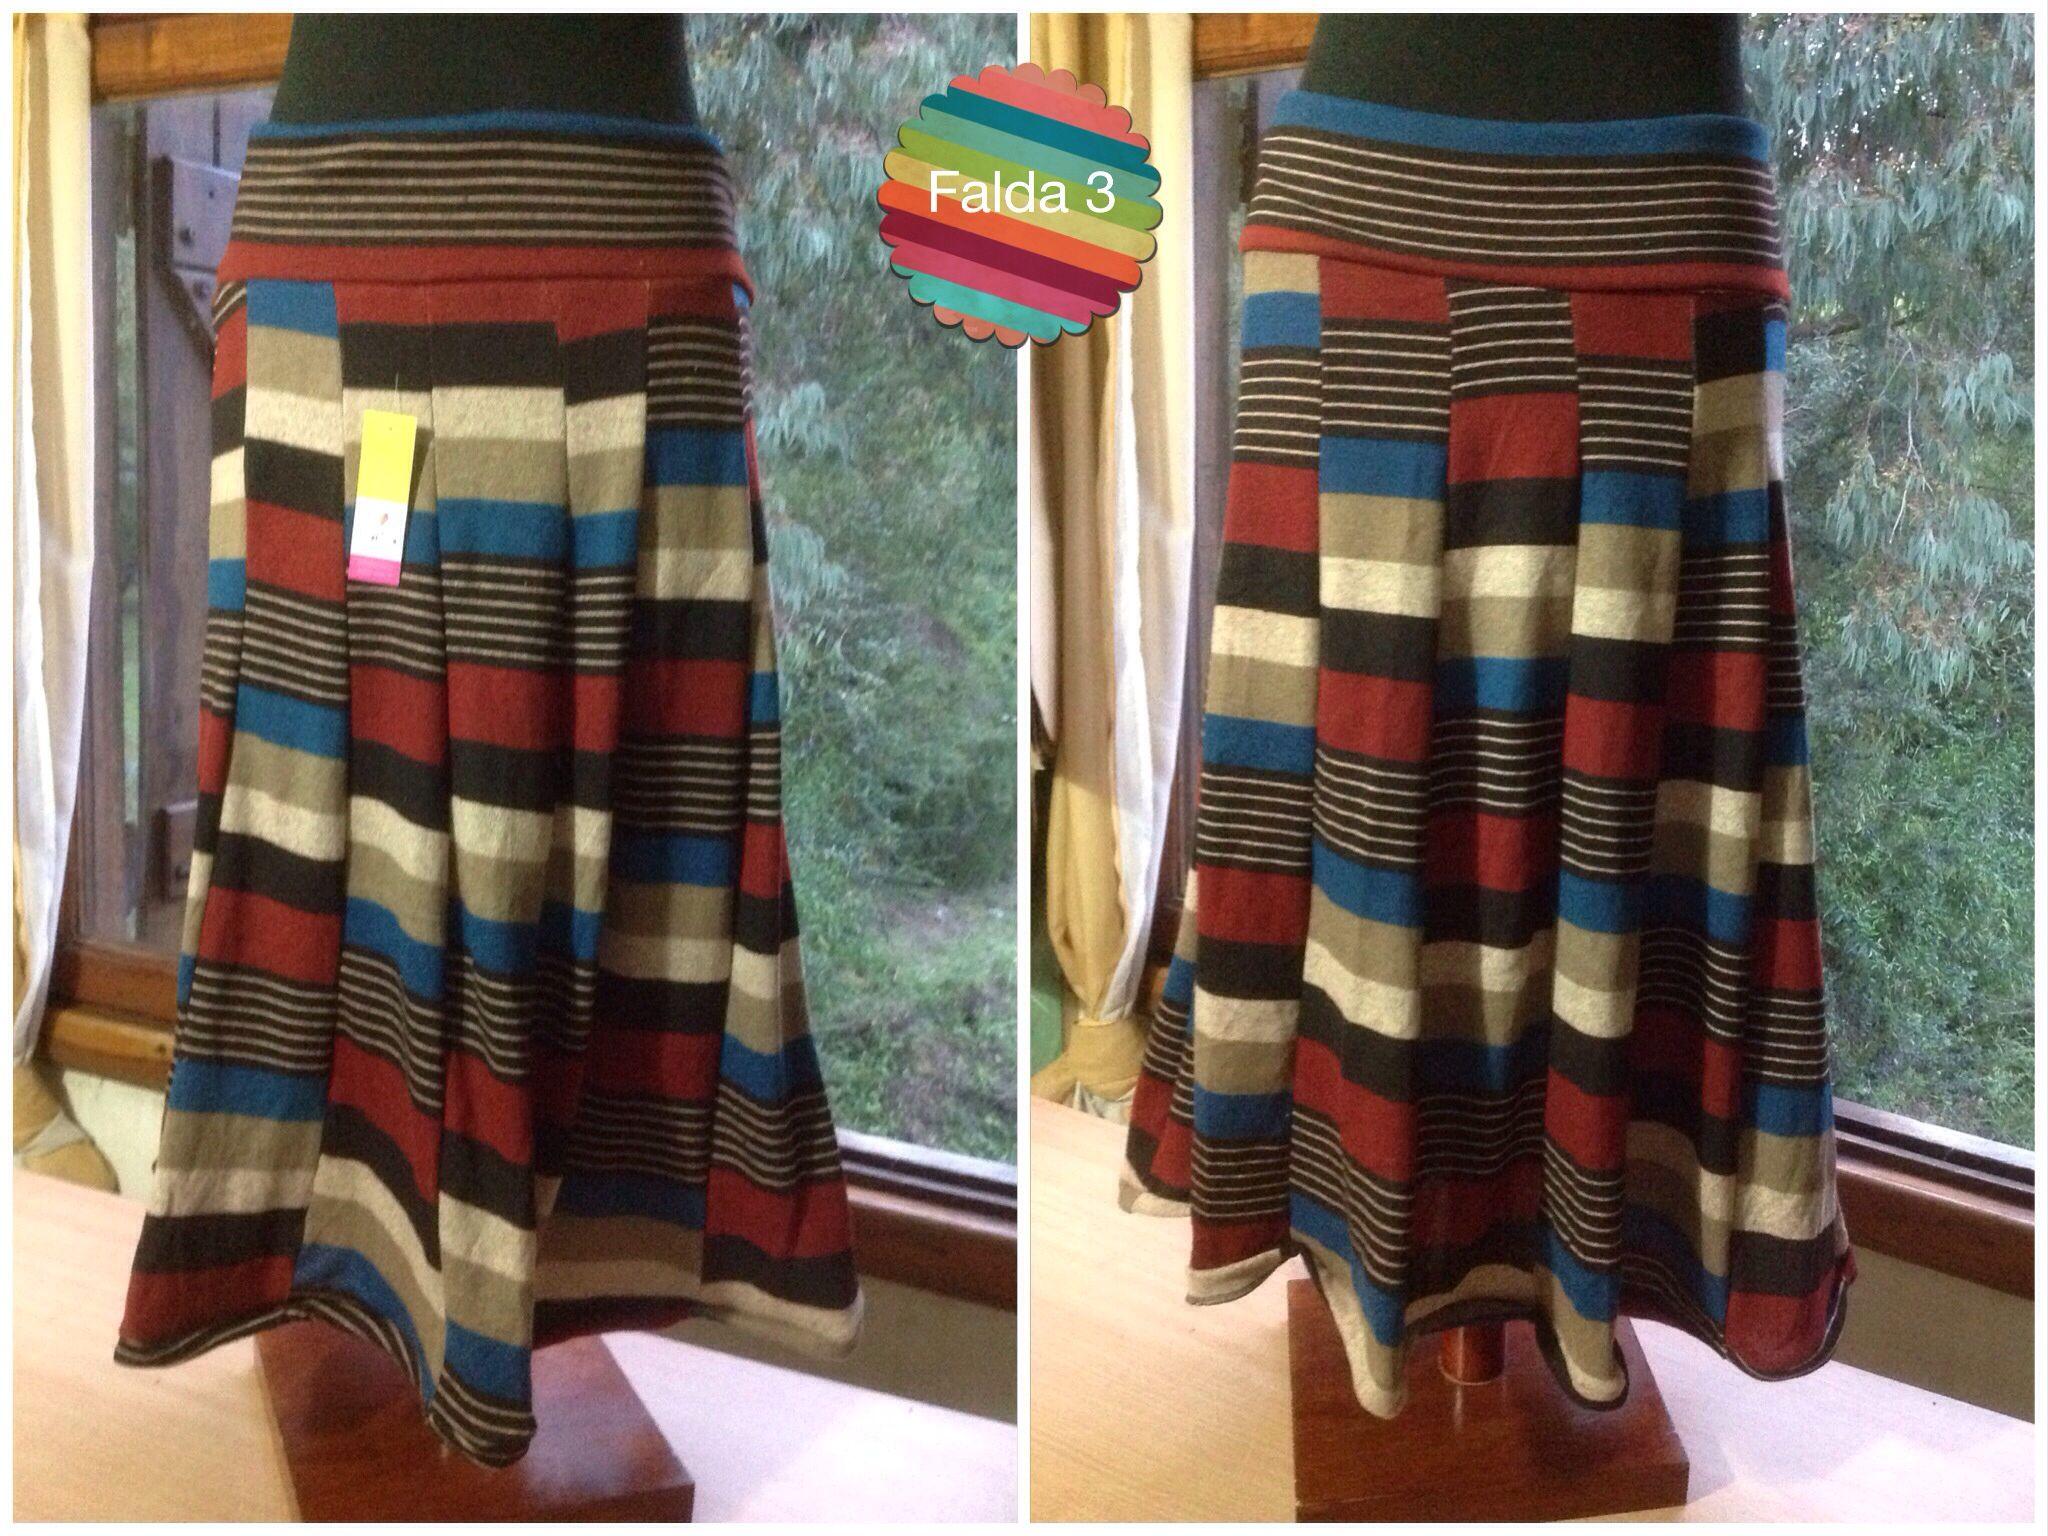 14e752630 Falda de lanilla rayada | lanilla | Faldas de lana, Lana y Faldas